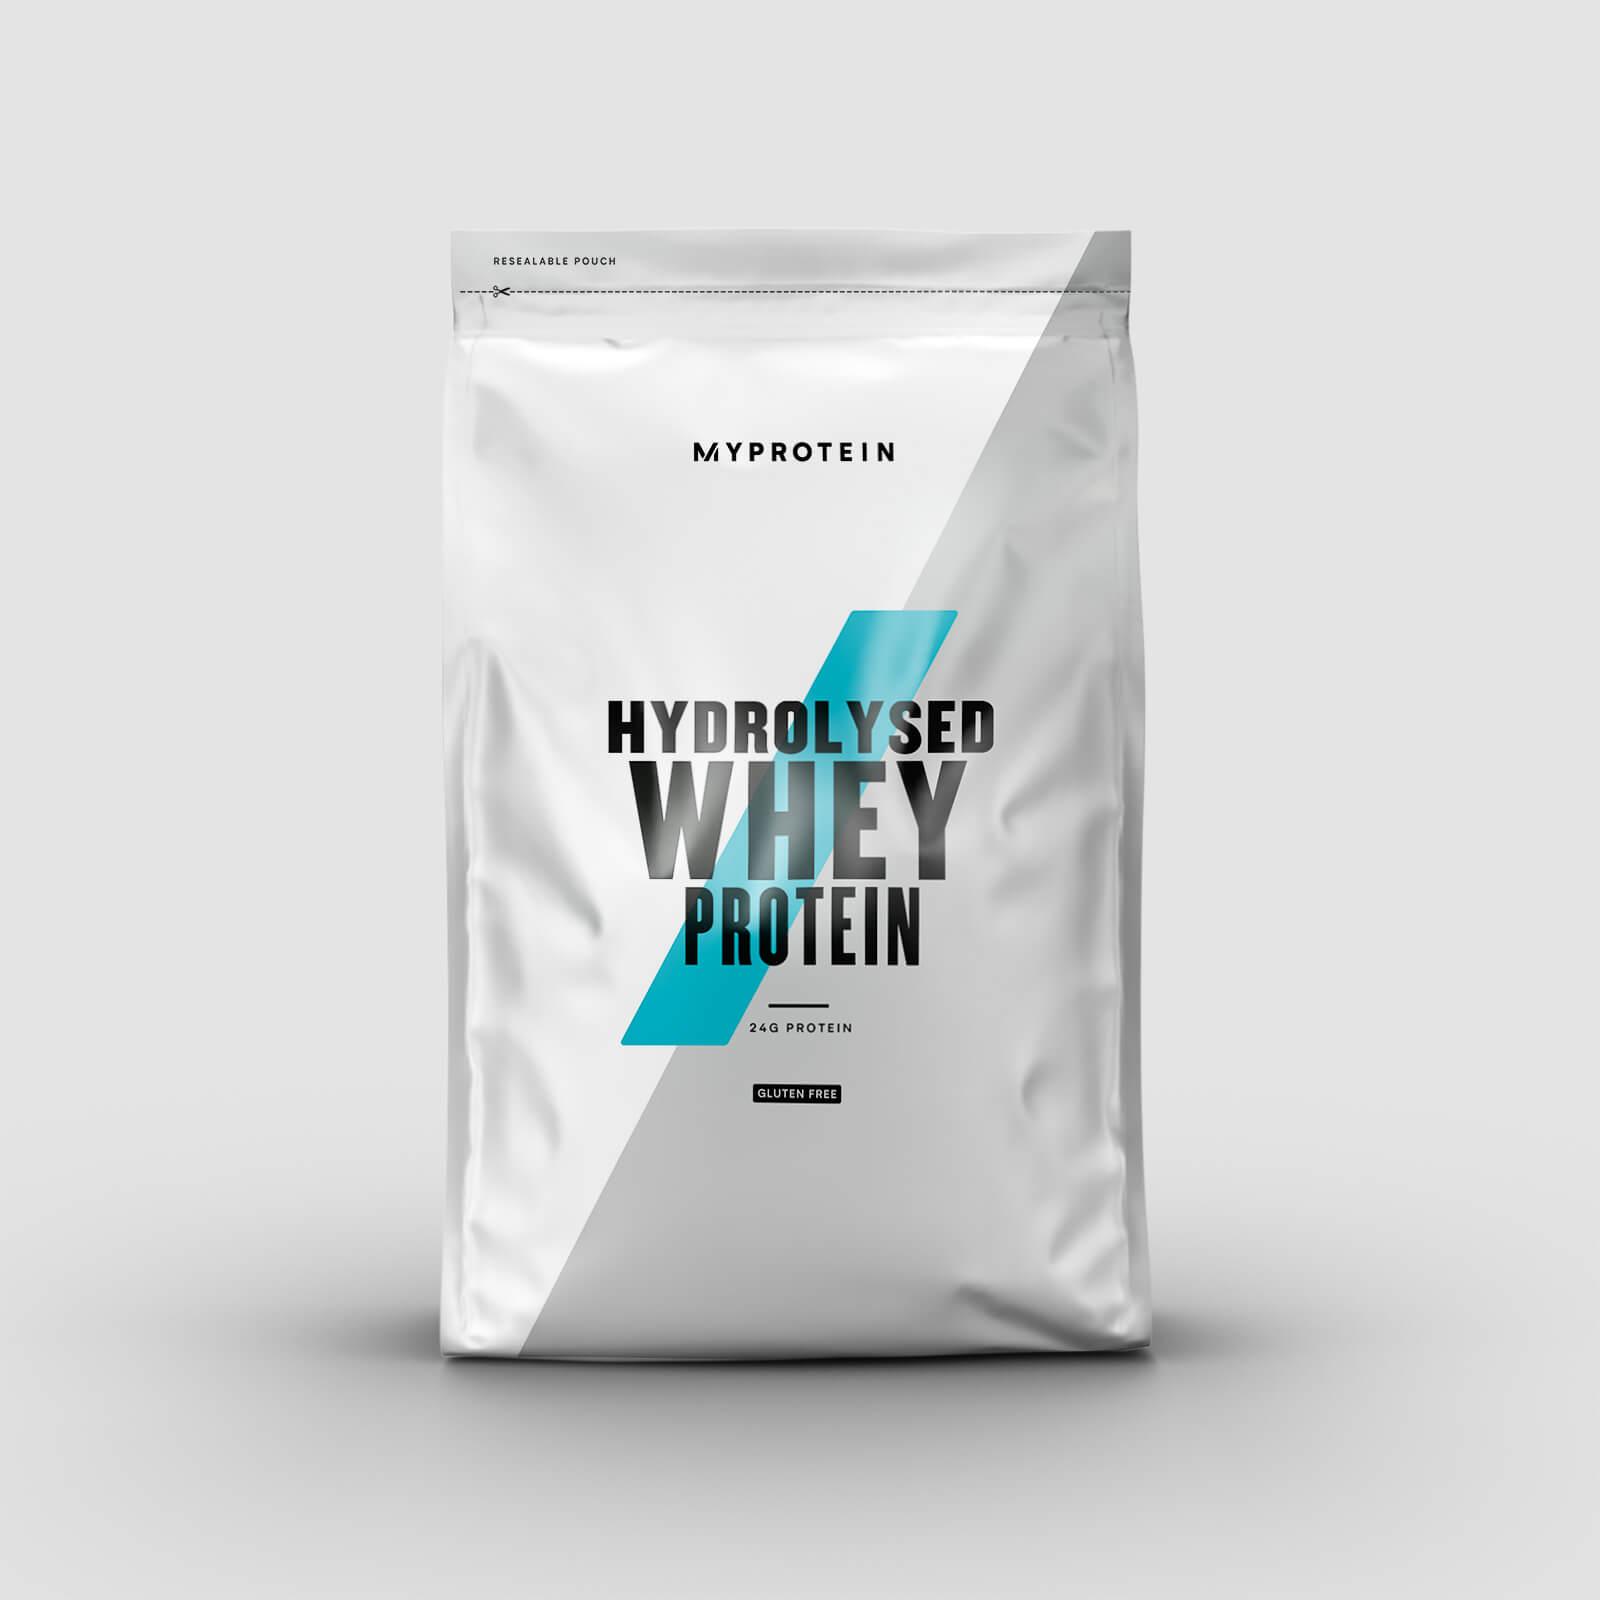 Protéine de whey hydrolysée - 1kg - Sans arôme ajouté